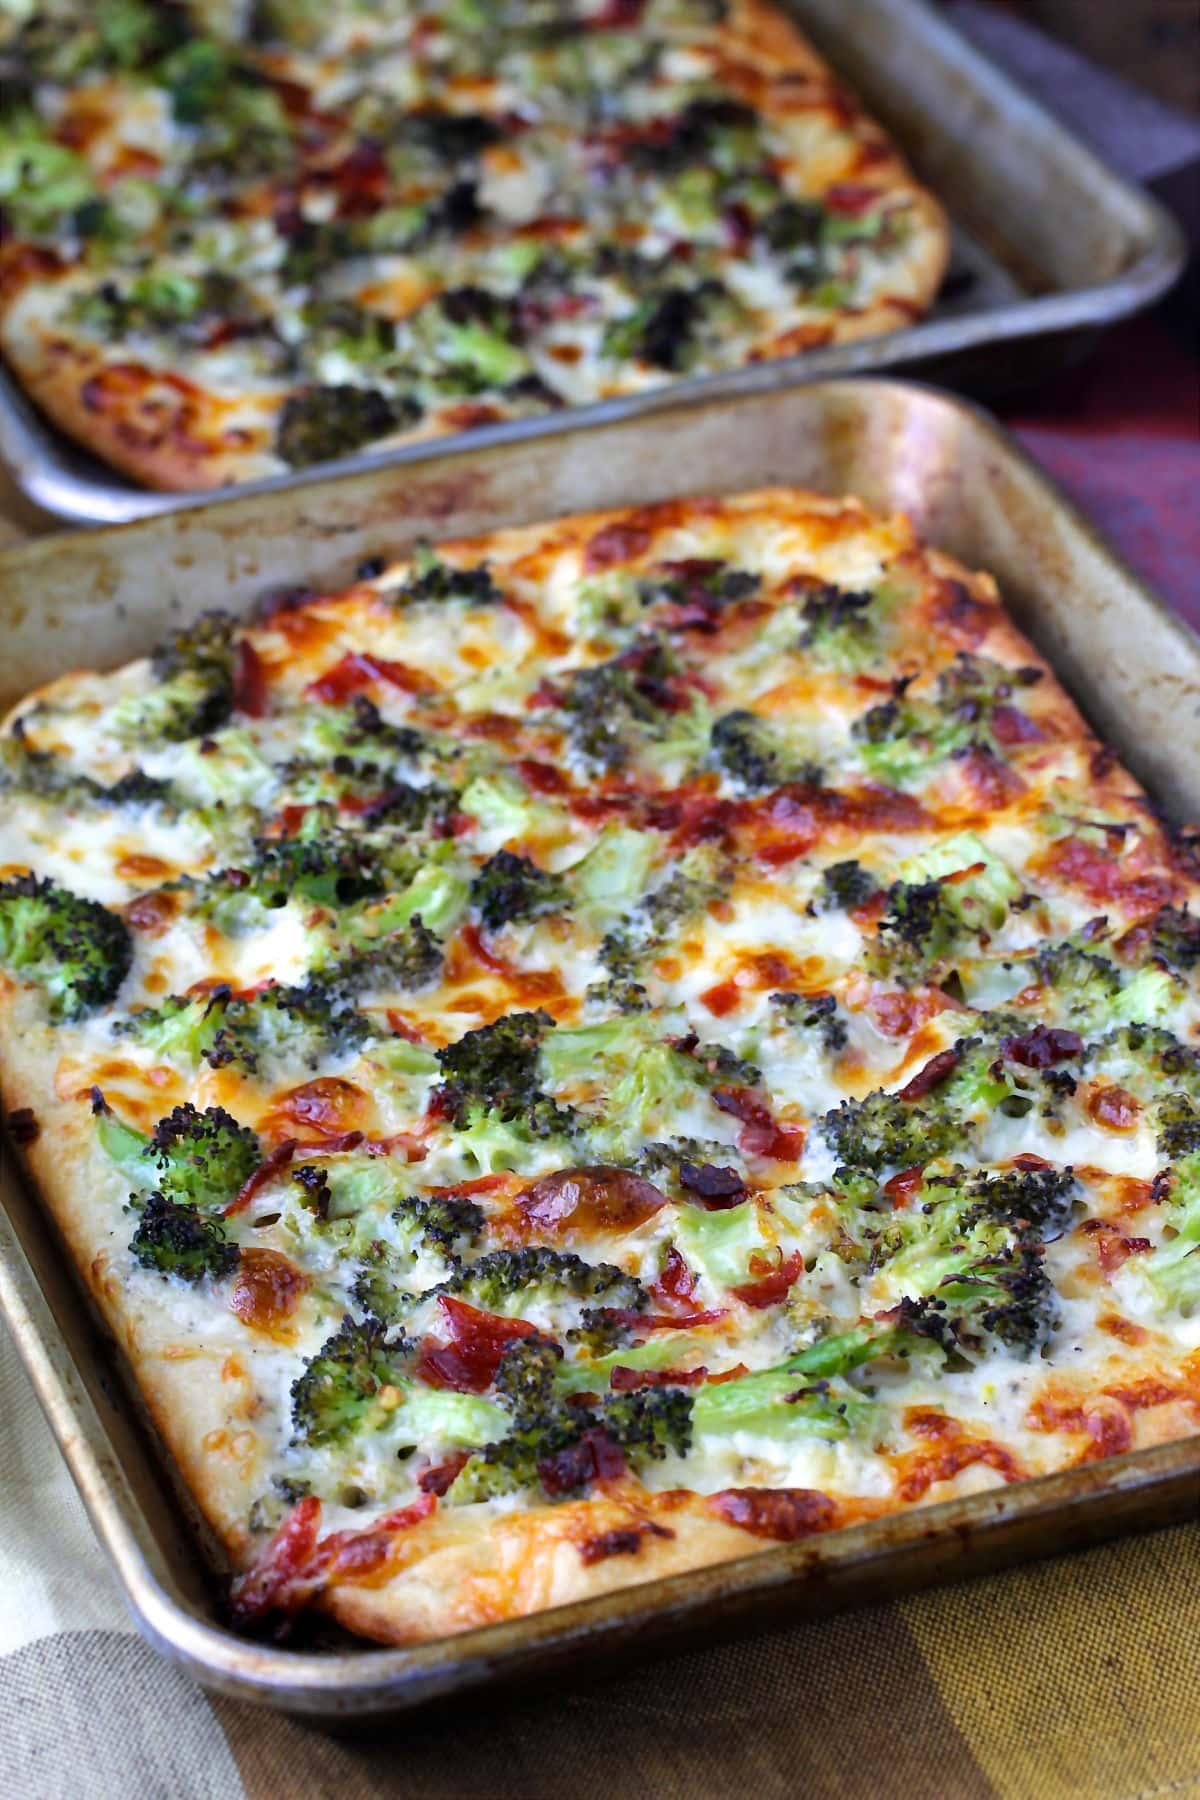 Broccoli Pizza with Provolone, Mozzarella, and Pecorino Romano in two pans.